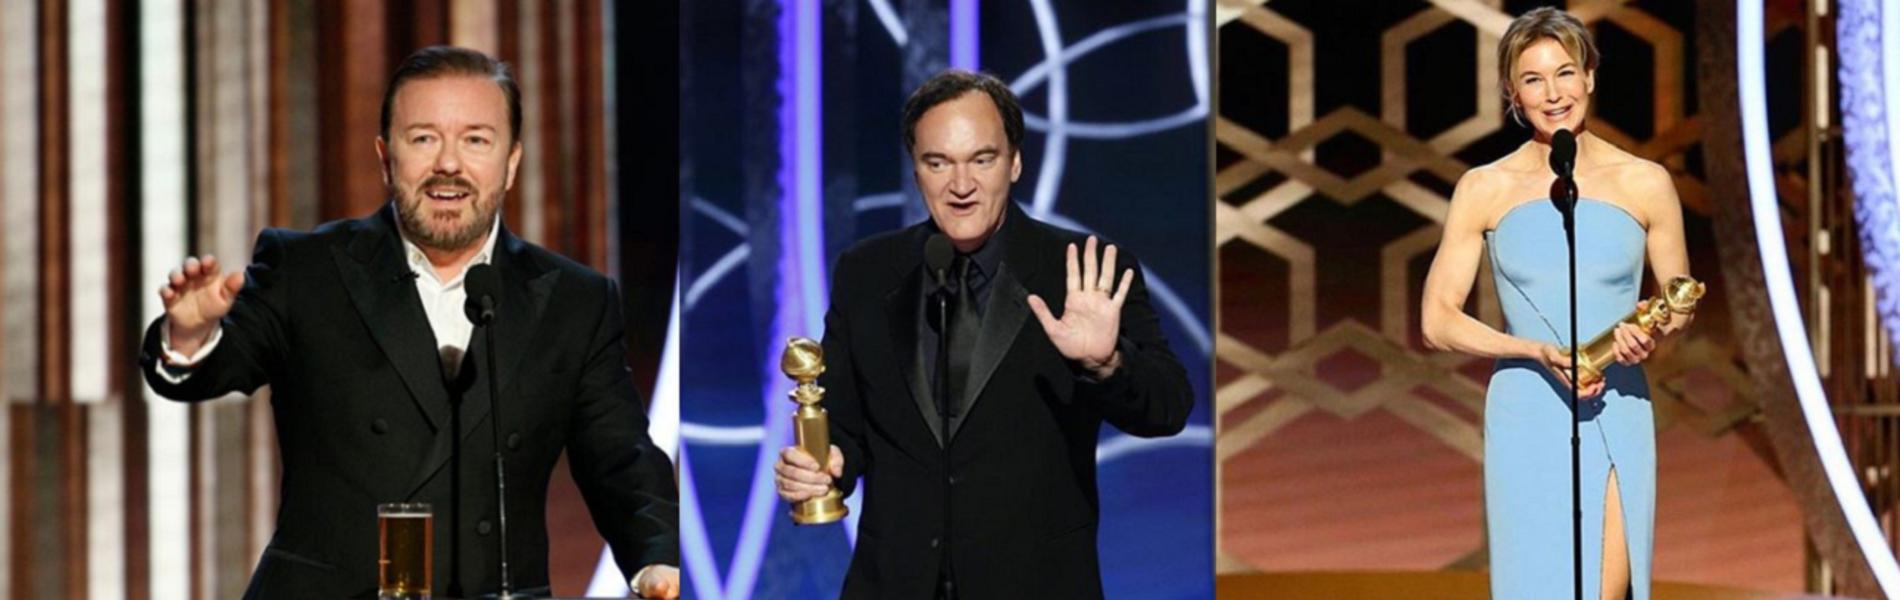 8 הרגעים המצחיקים, מרגשים, חשובים ומביכים בגלובוס הזהב 2020